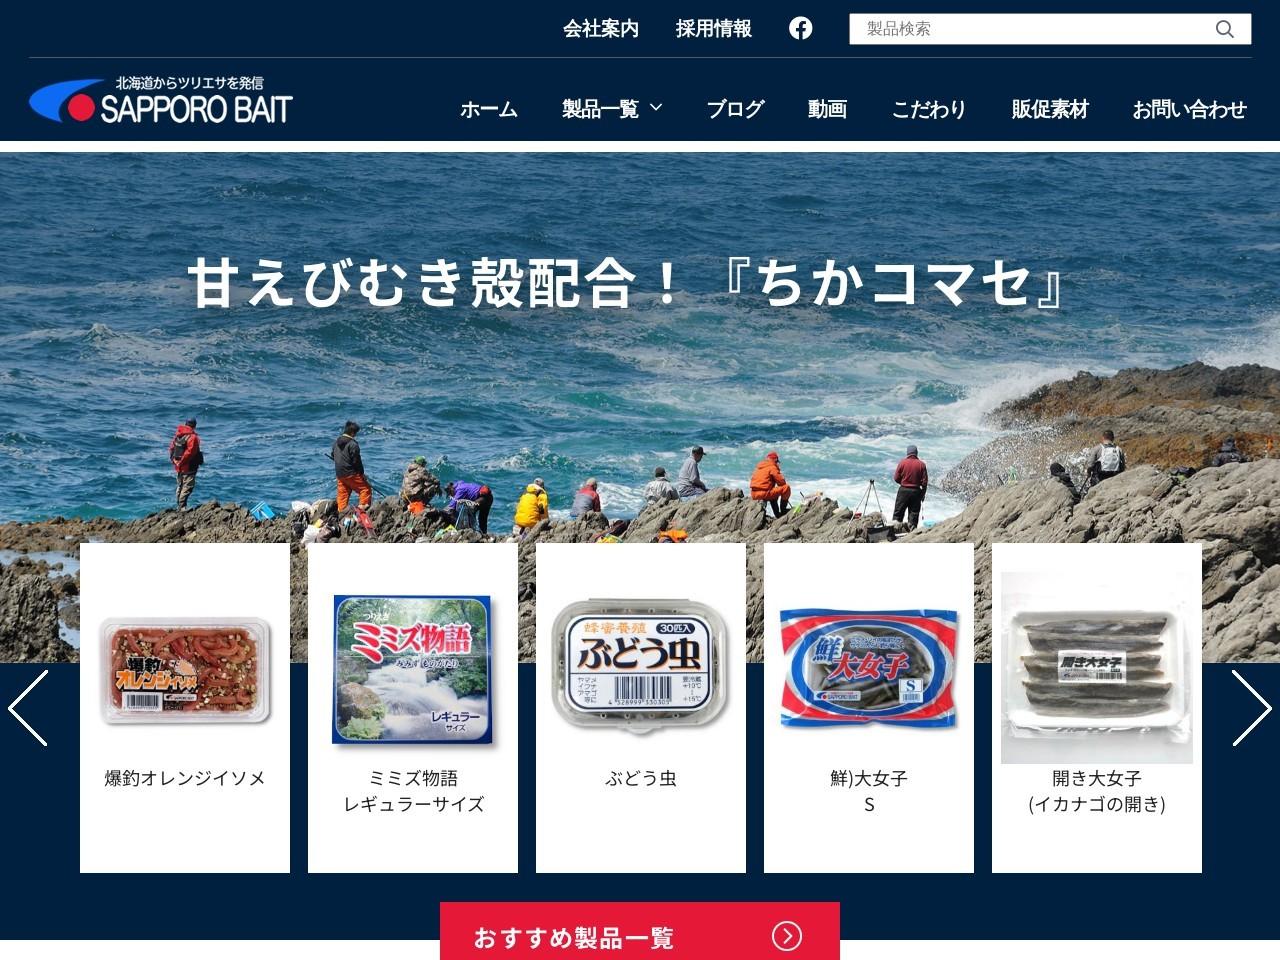 有限会社札幌ベイト釣餌卸問屋